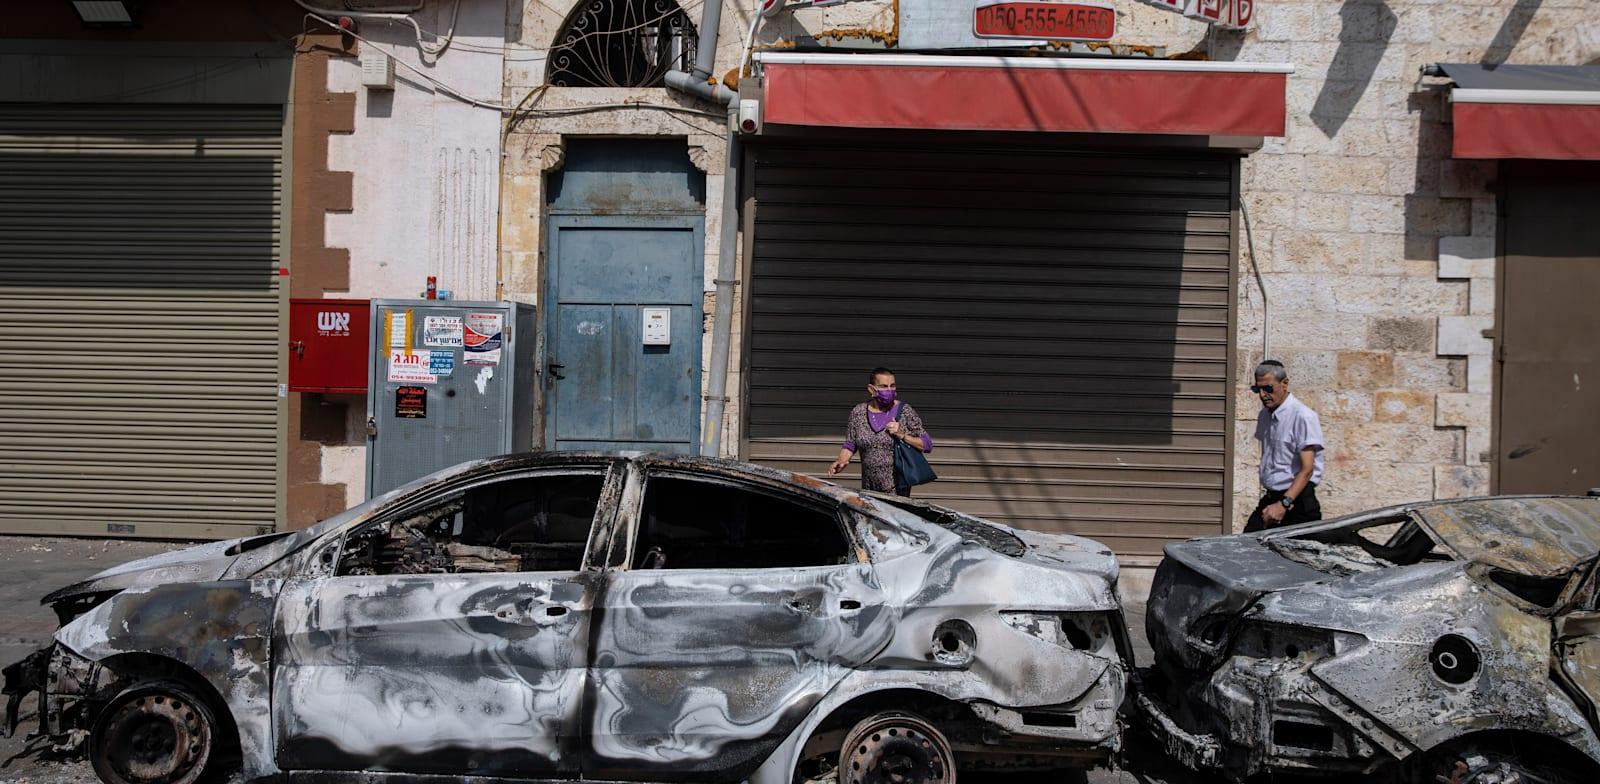 מכוניות שרופות בלוד, ביום ד' בבוקר / צילום: Associated Press, Heidi Levine